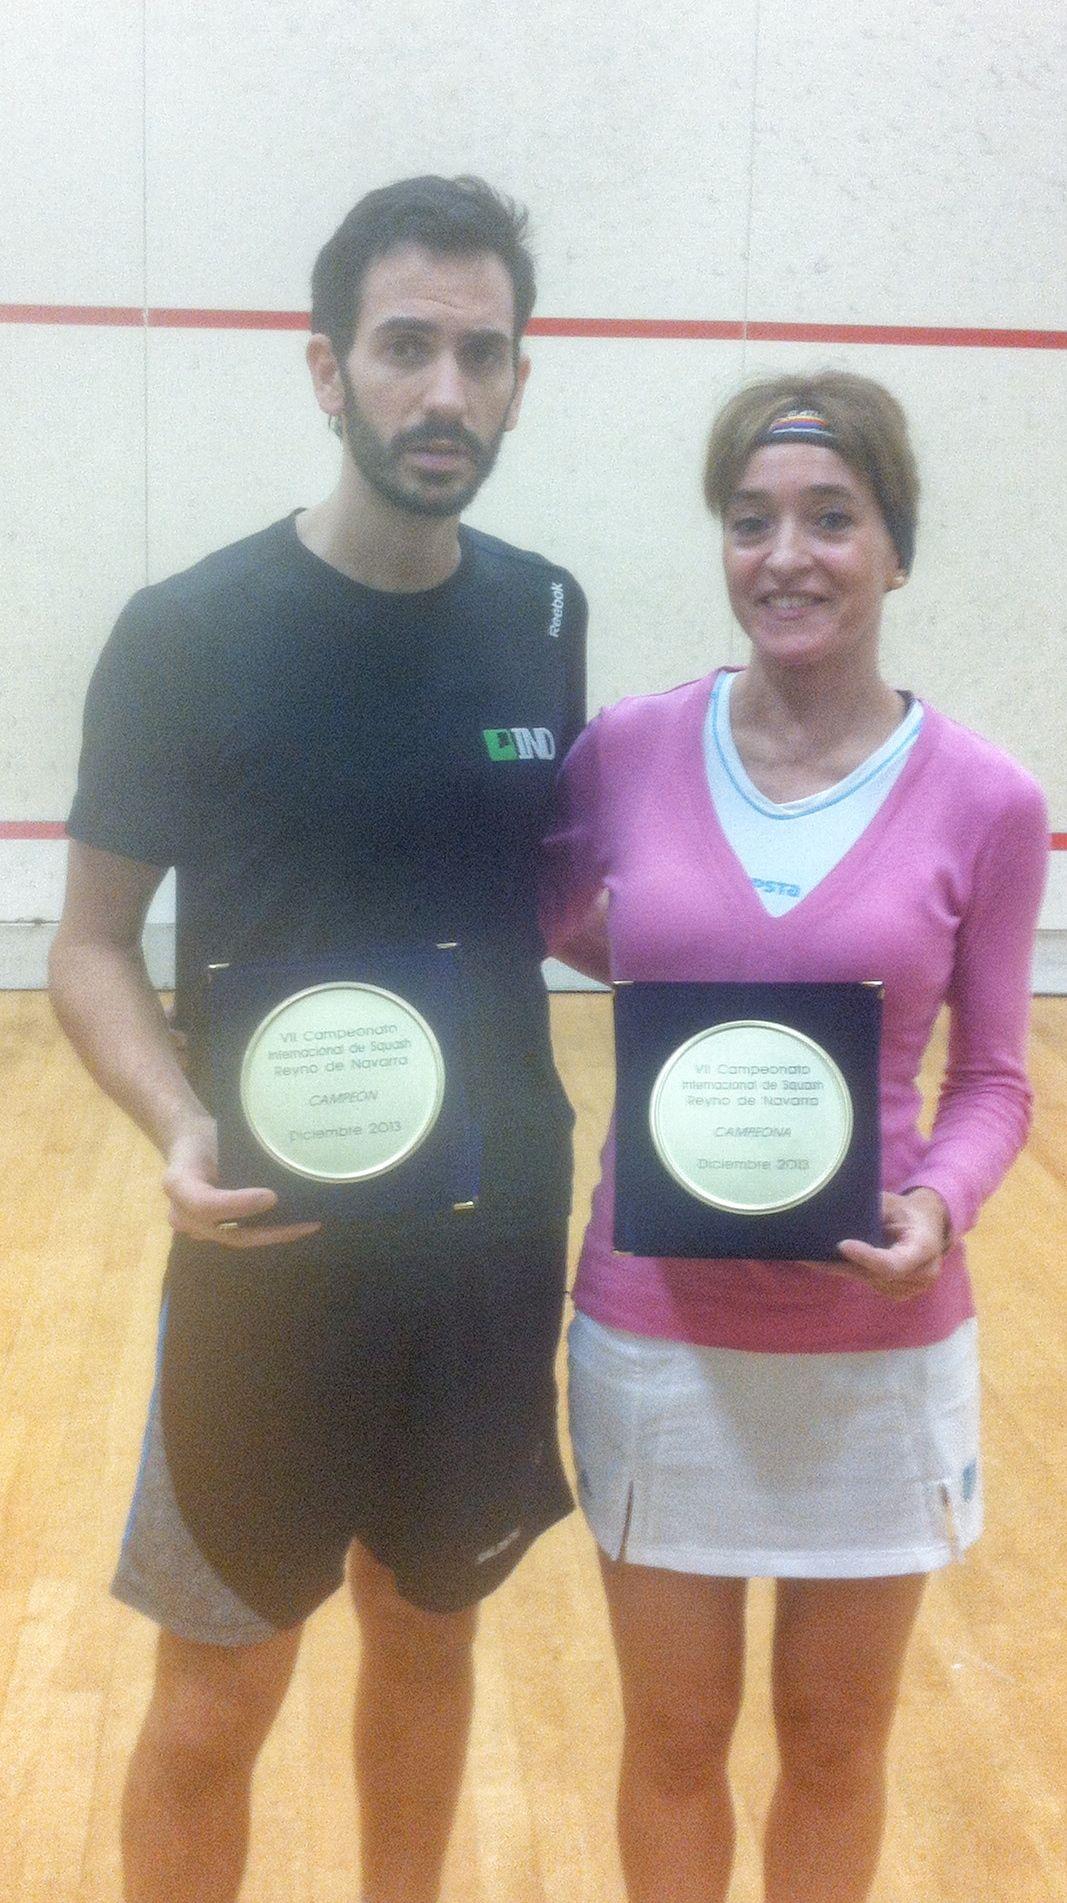 Álex Garbí y Rosa Ándres Campeones del VII Torneo Reyno de Navarra disputado en  la A.D. San Juan.